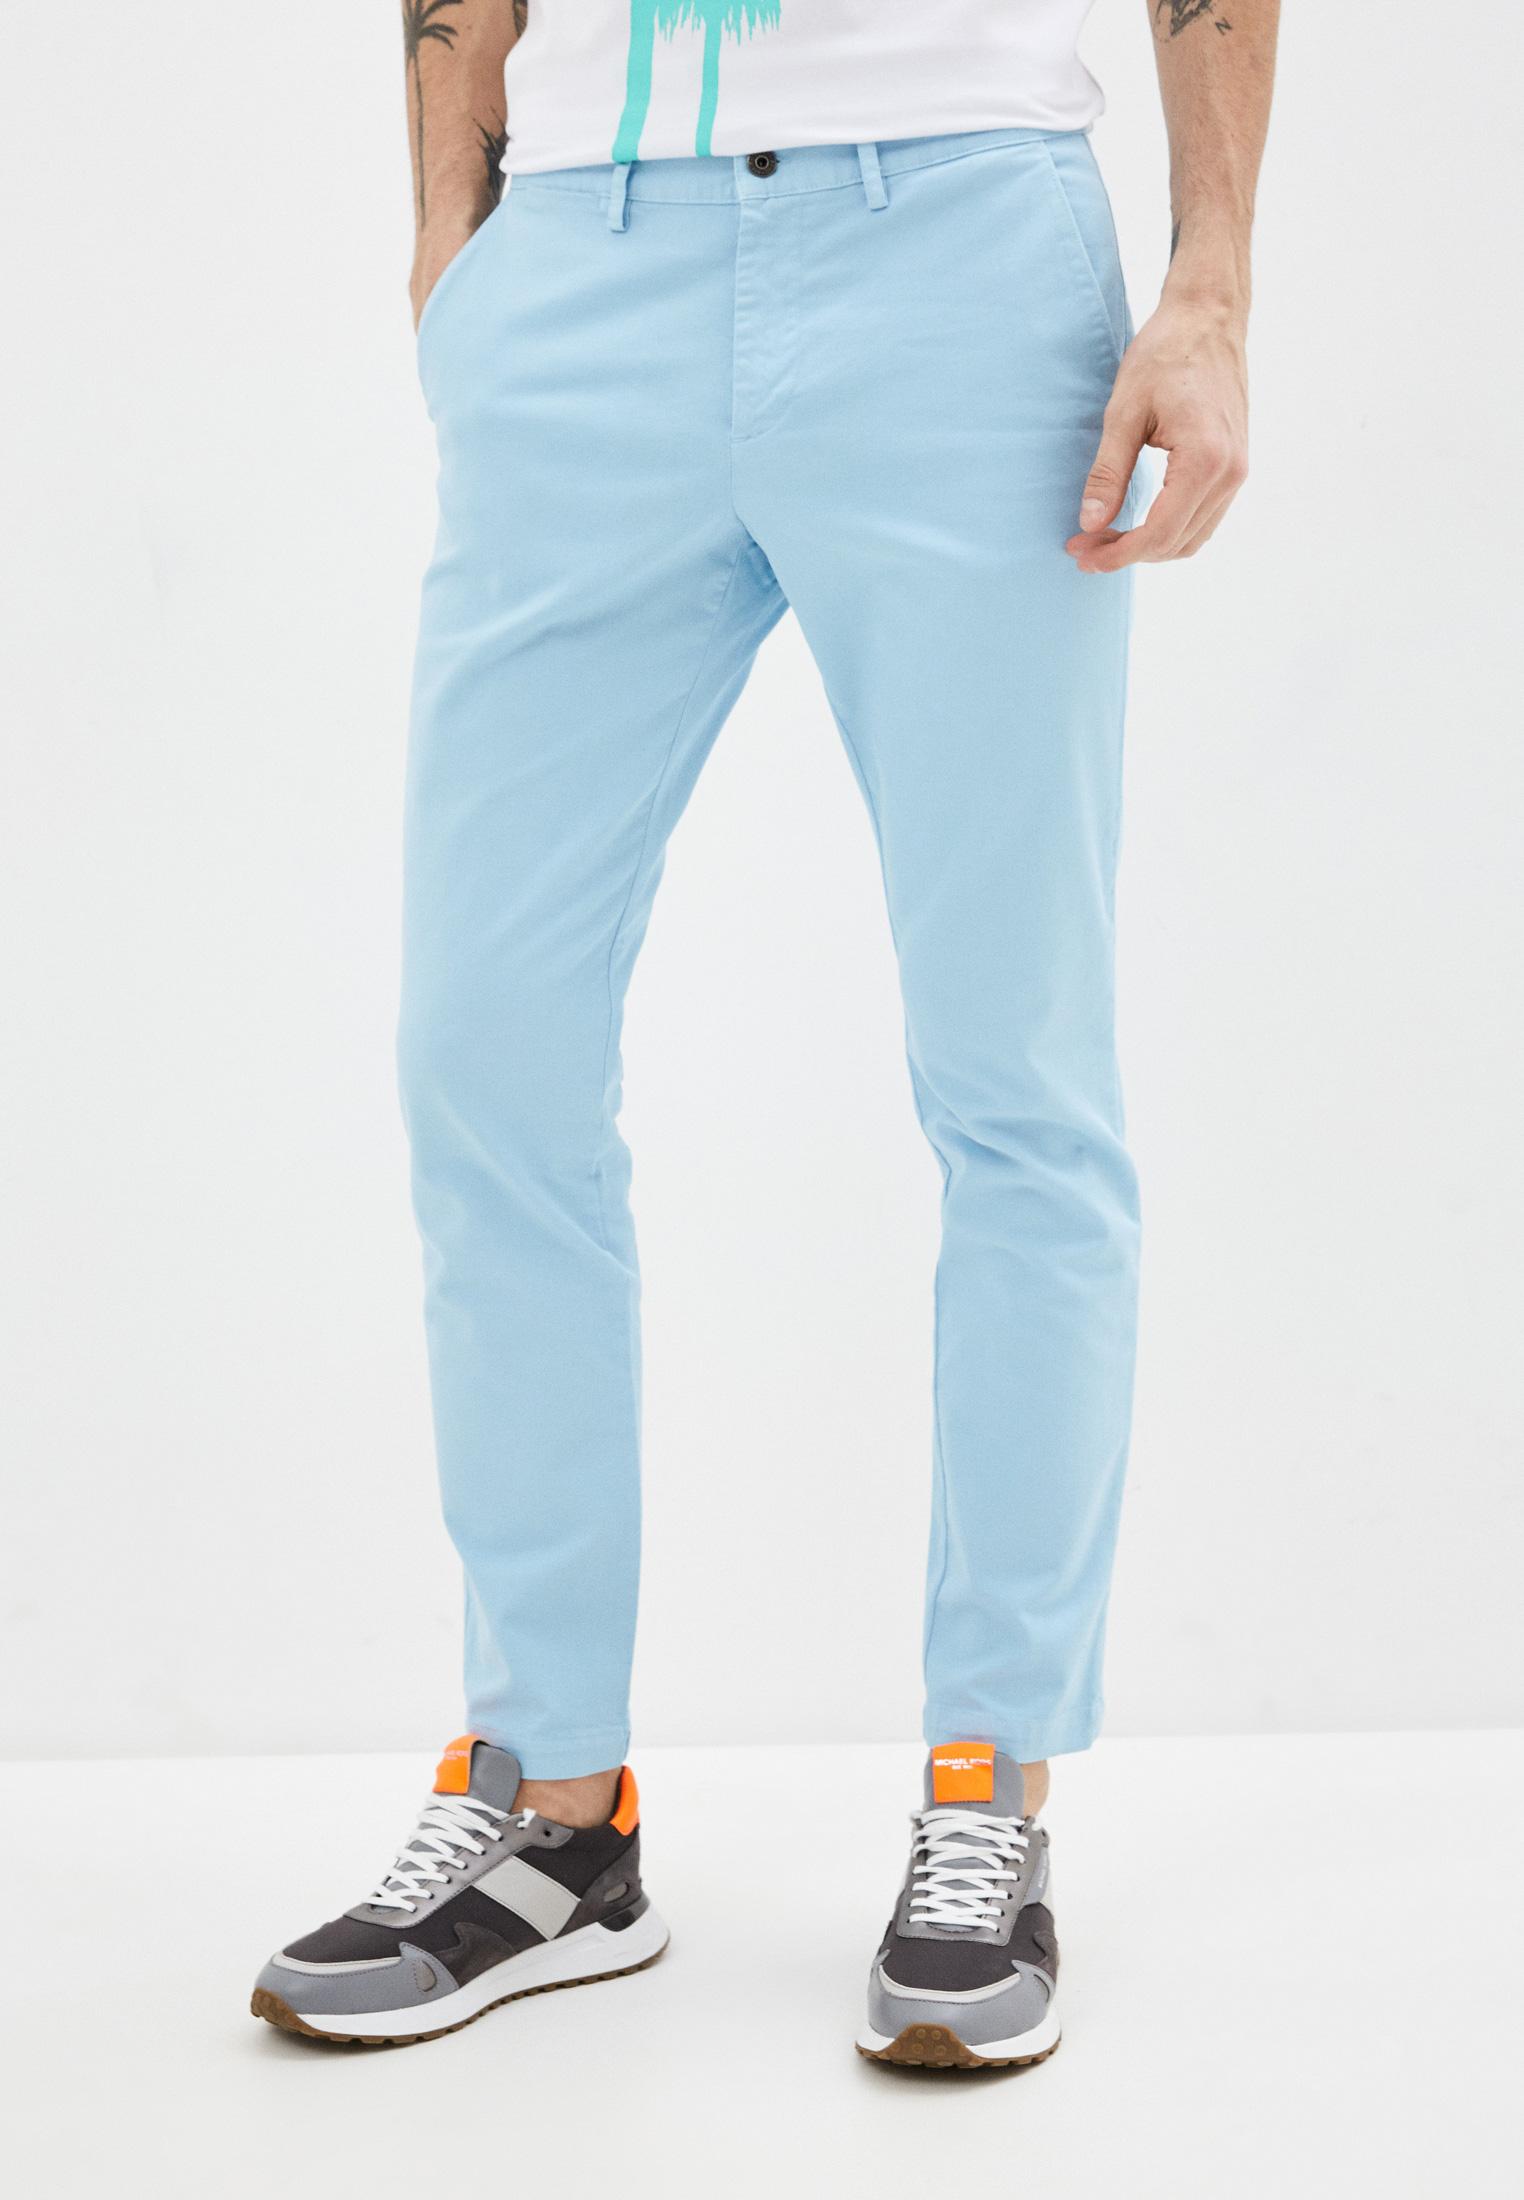 Мужские повседневные брюки Bikkembergs (Биккембергс) C P 001 01 S 3394: изображение 1